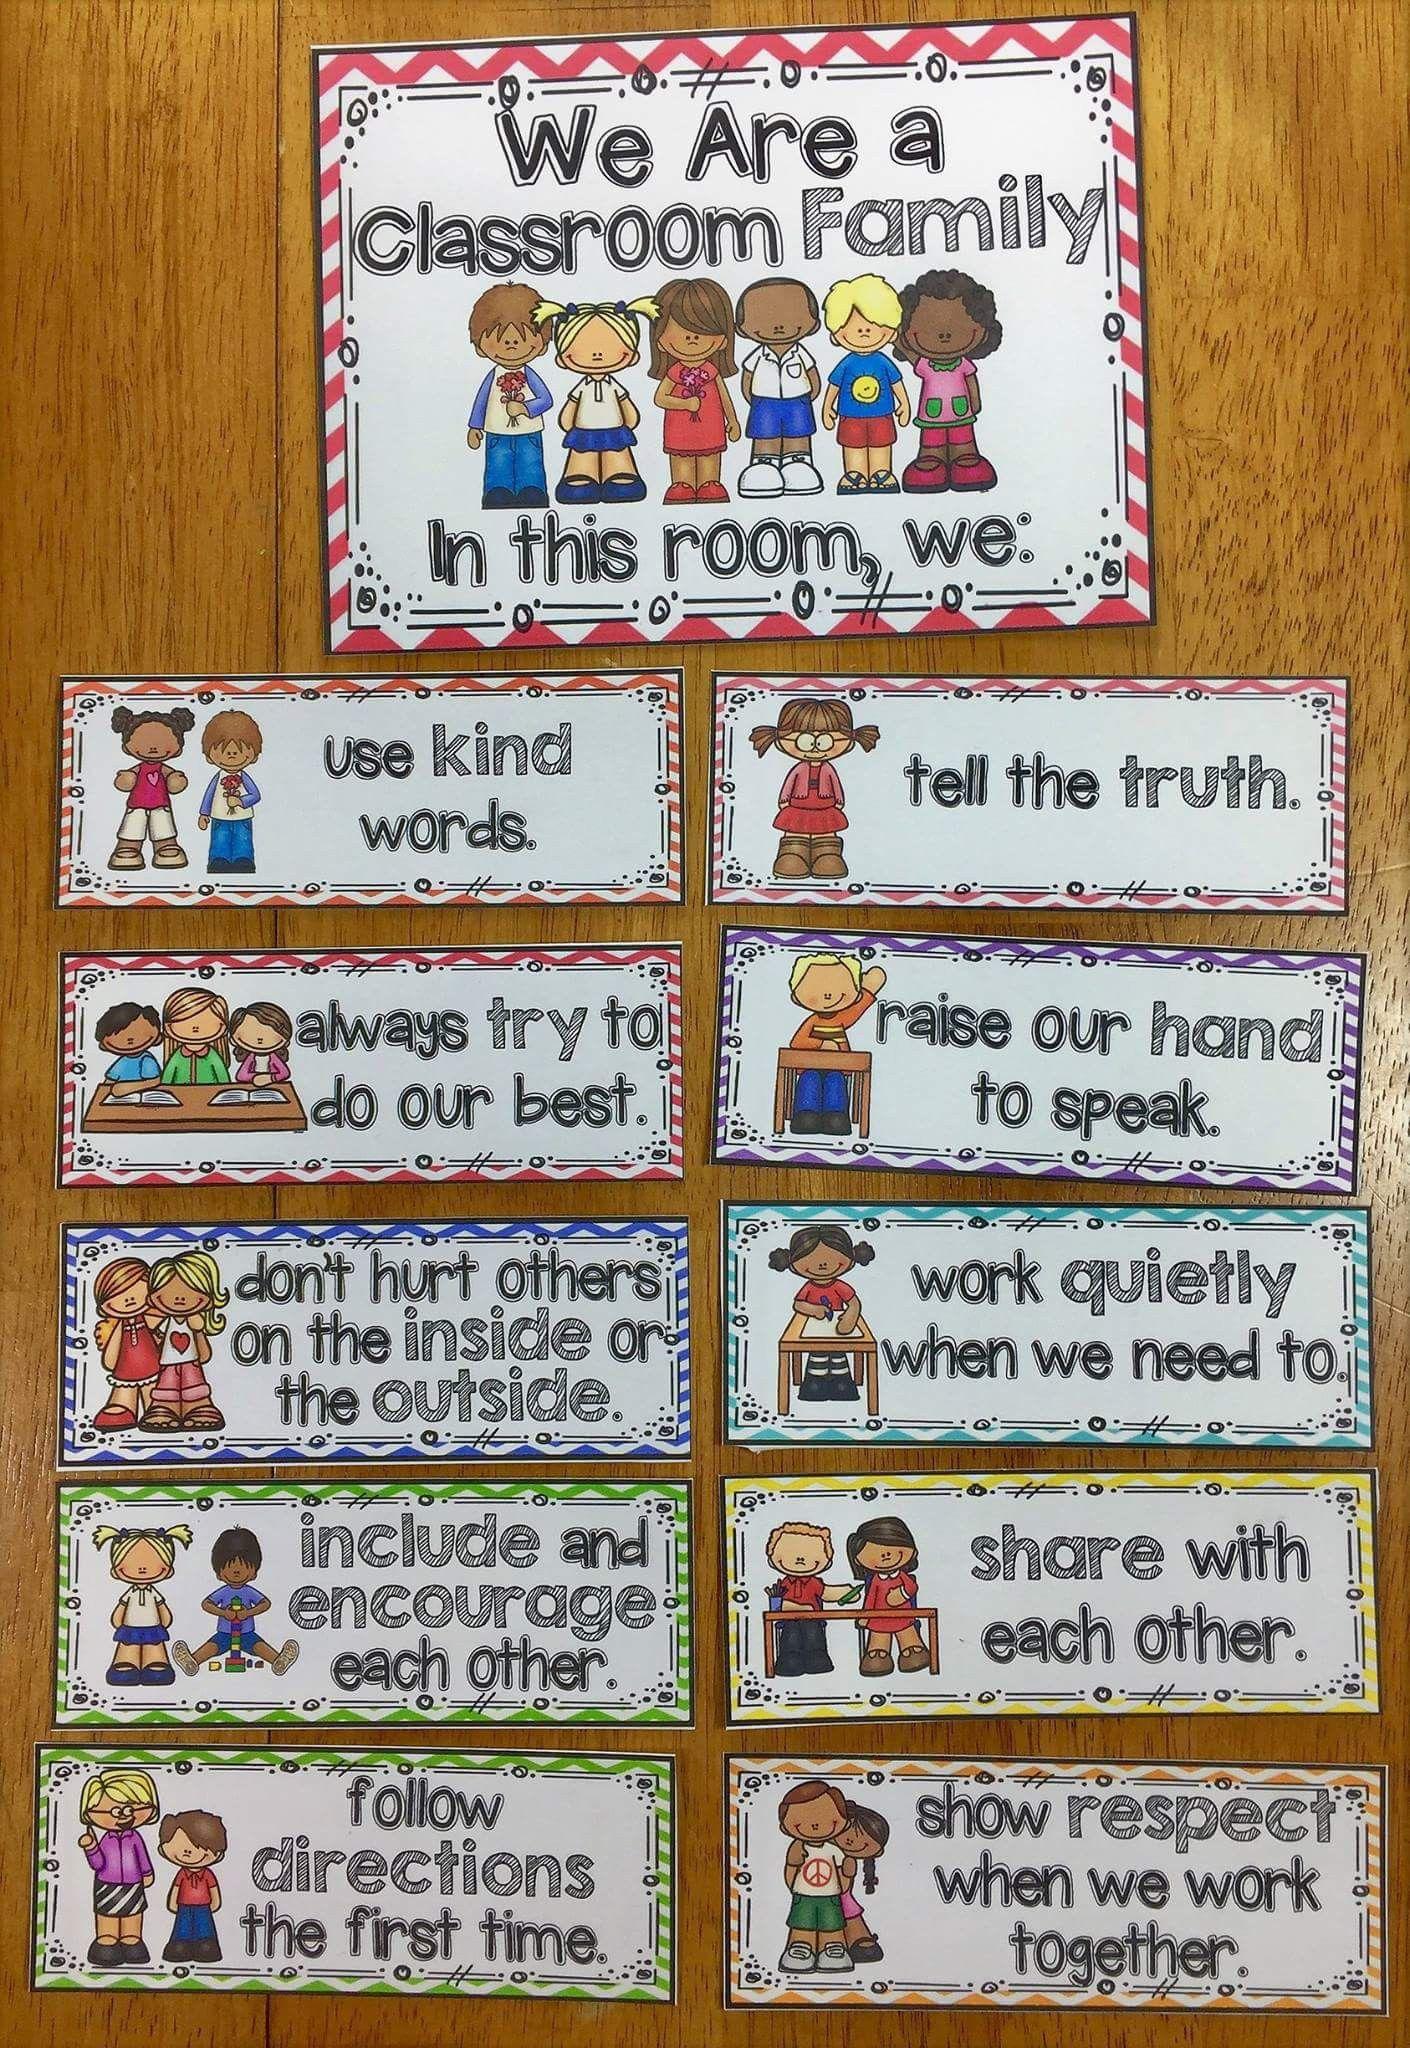 Classroom Family Expectations